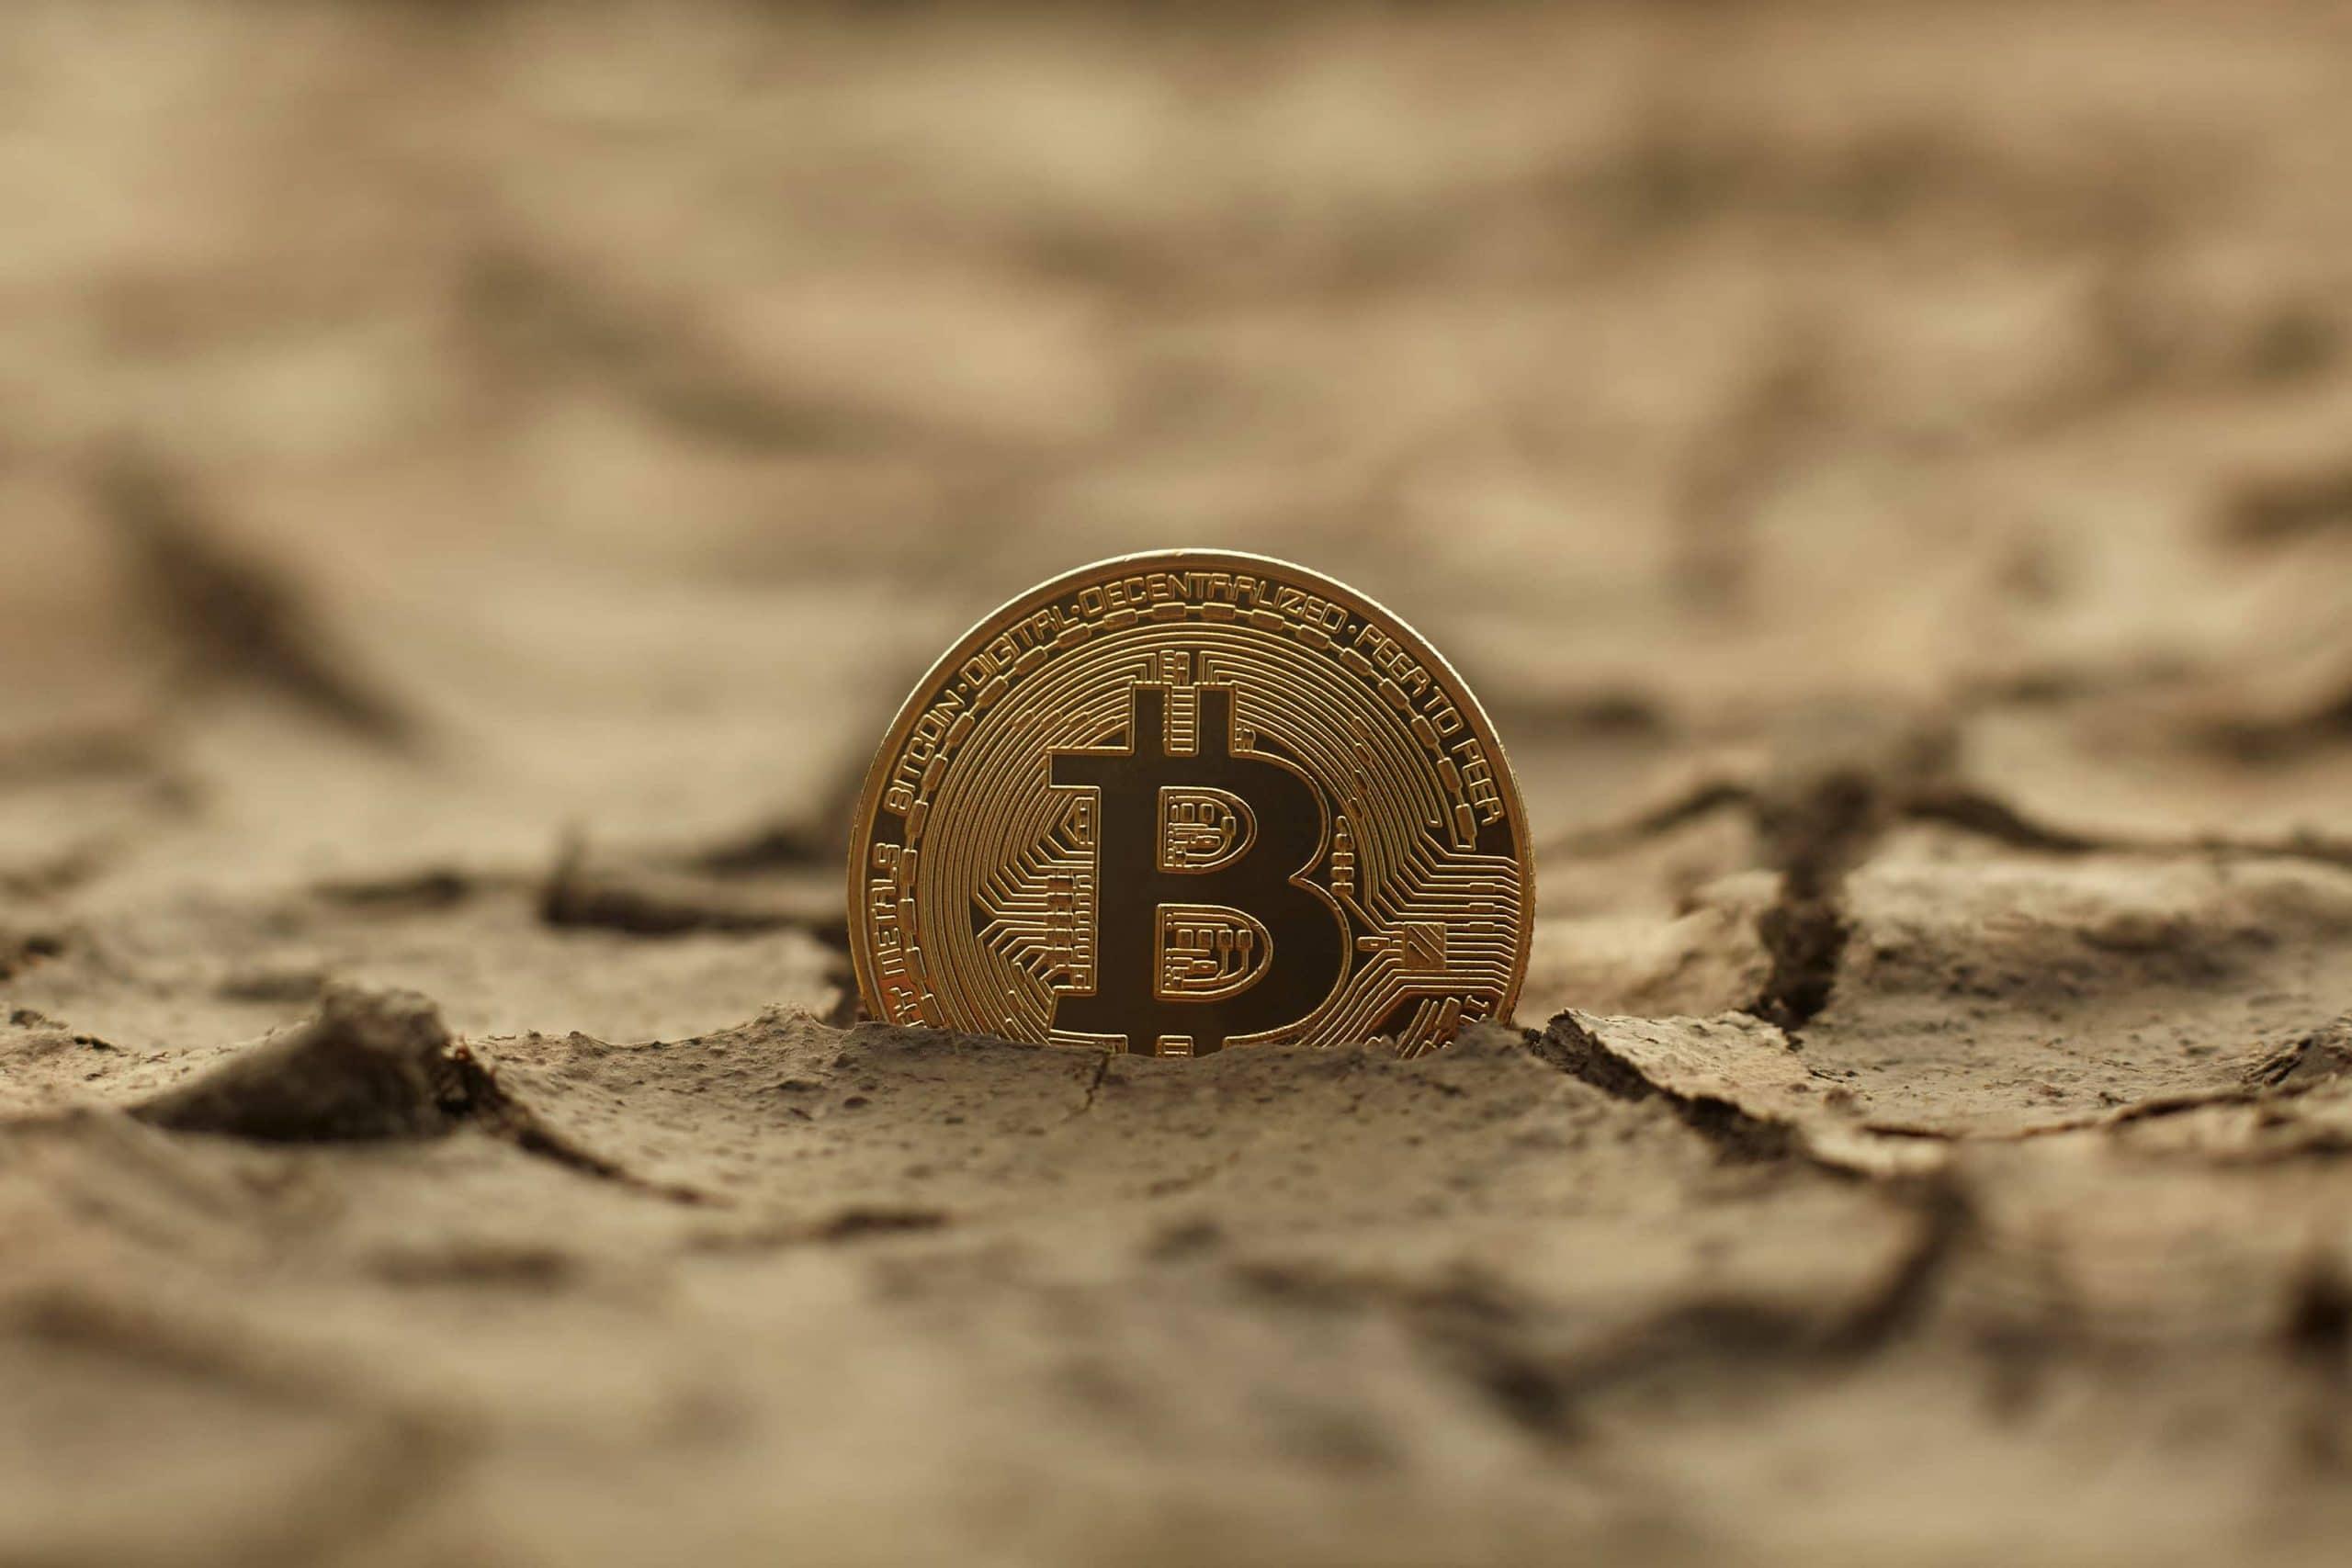 Eine Bitcoin-Münze ragt aus einem ausgetrockneten Boden